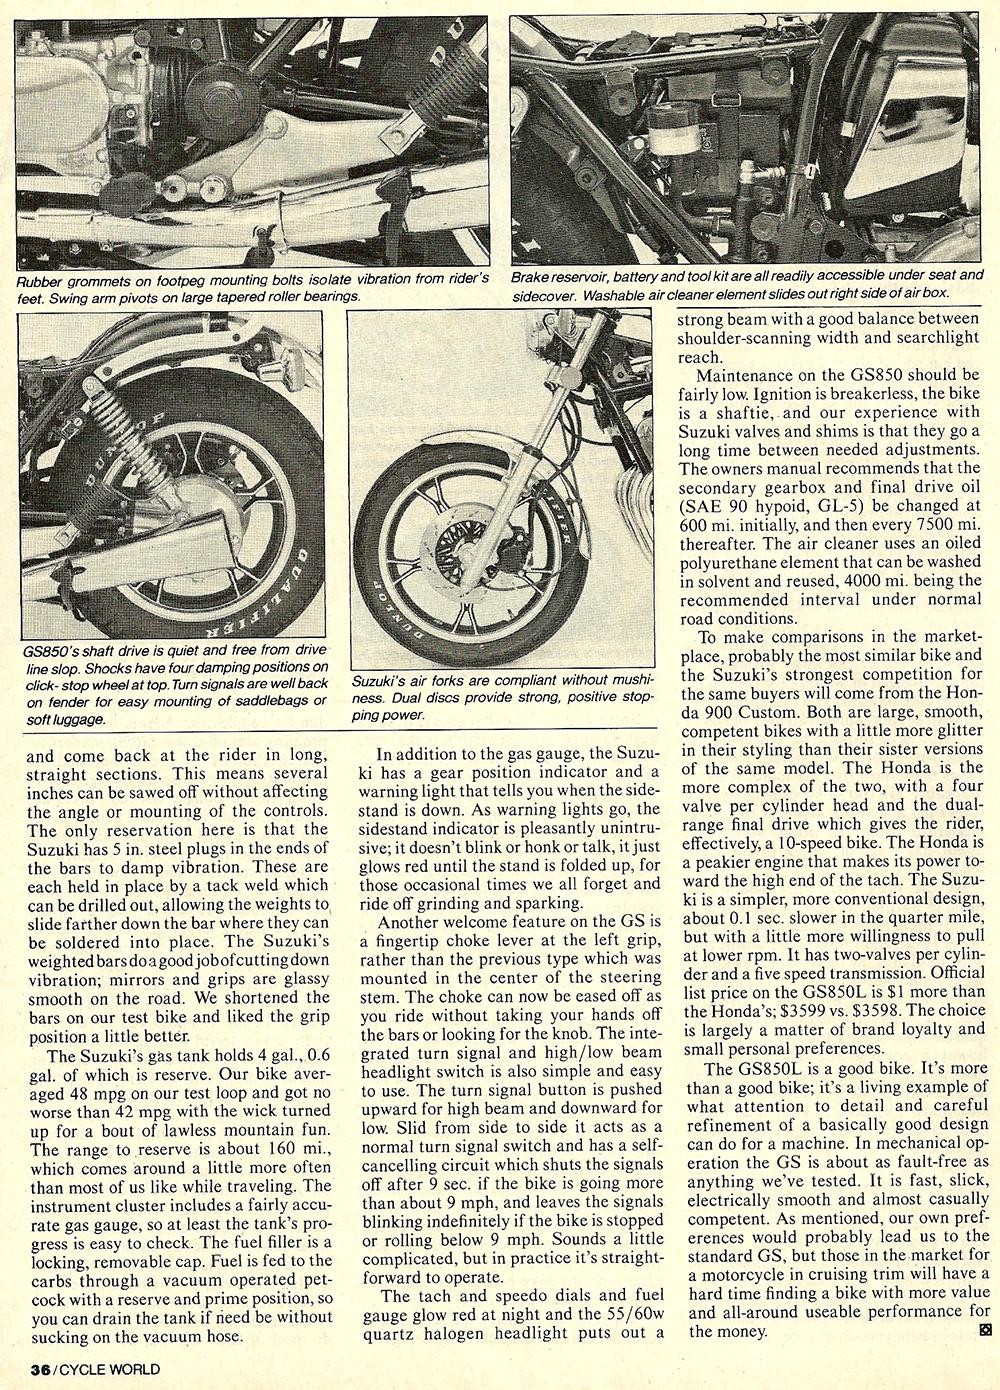 1982 Suzuki GS850GL road test 05.jpg